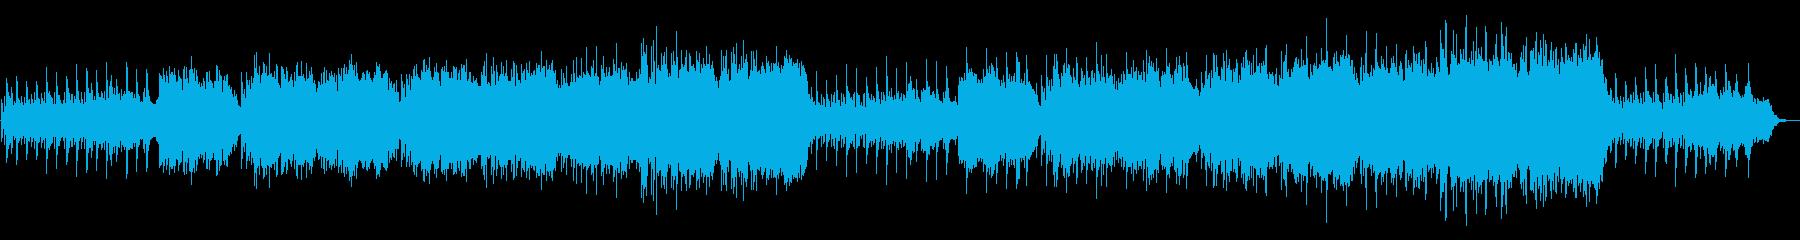 オカリナによる和風の穏やかで荘厳な曲の再生済みの波形